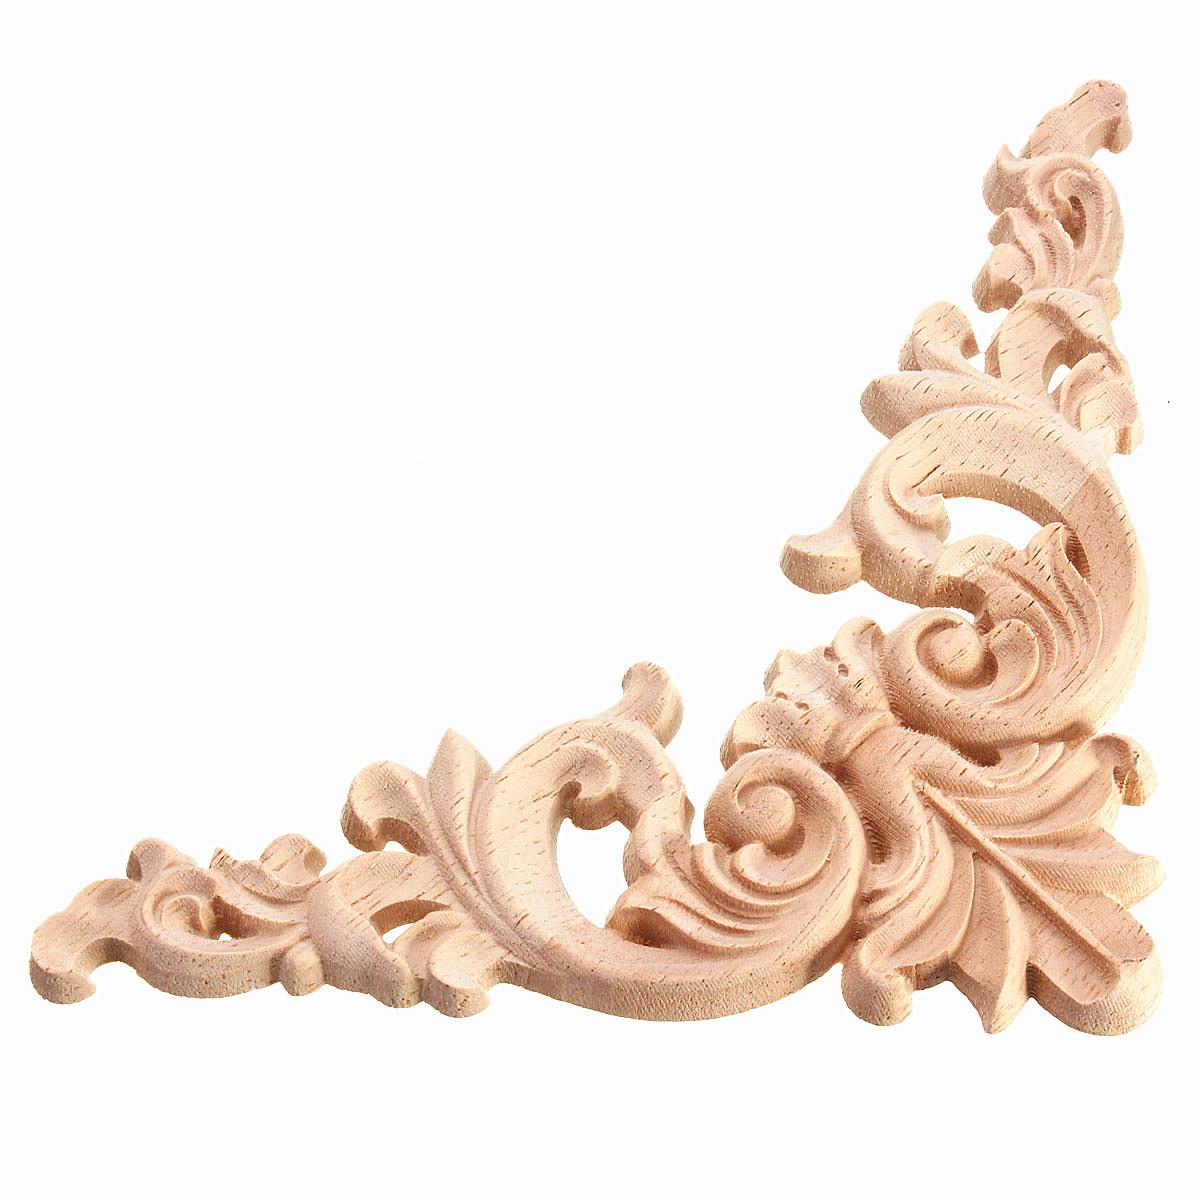 Cm rubber wood oak carved corner onlay applique